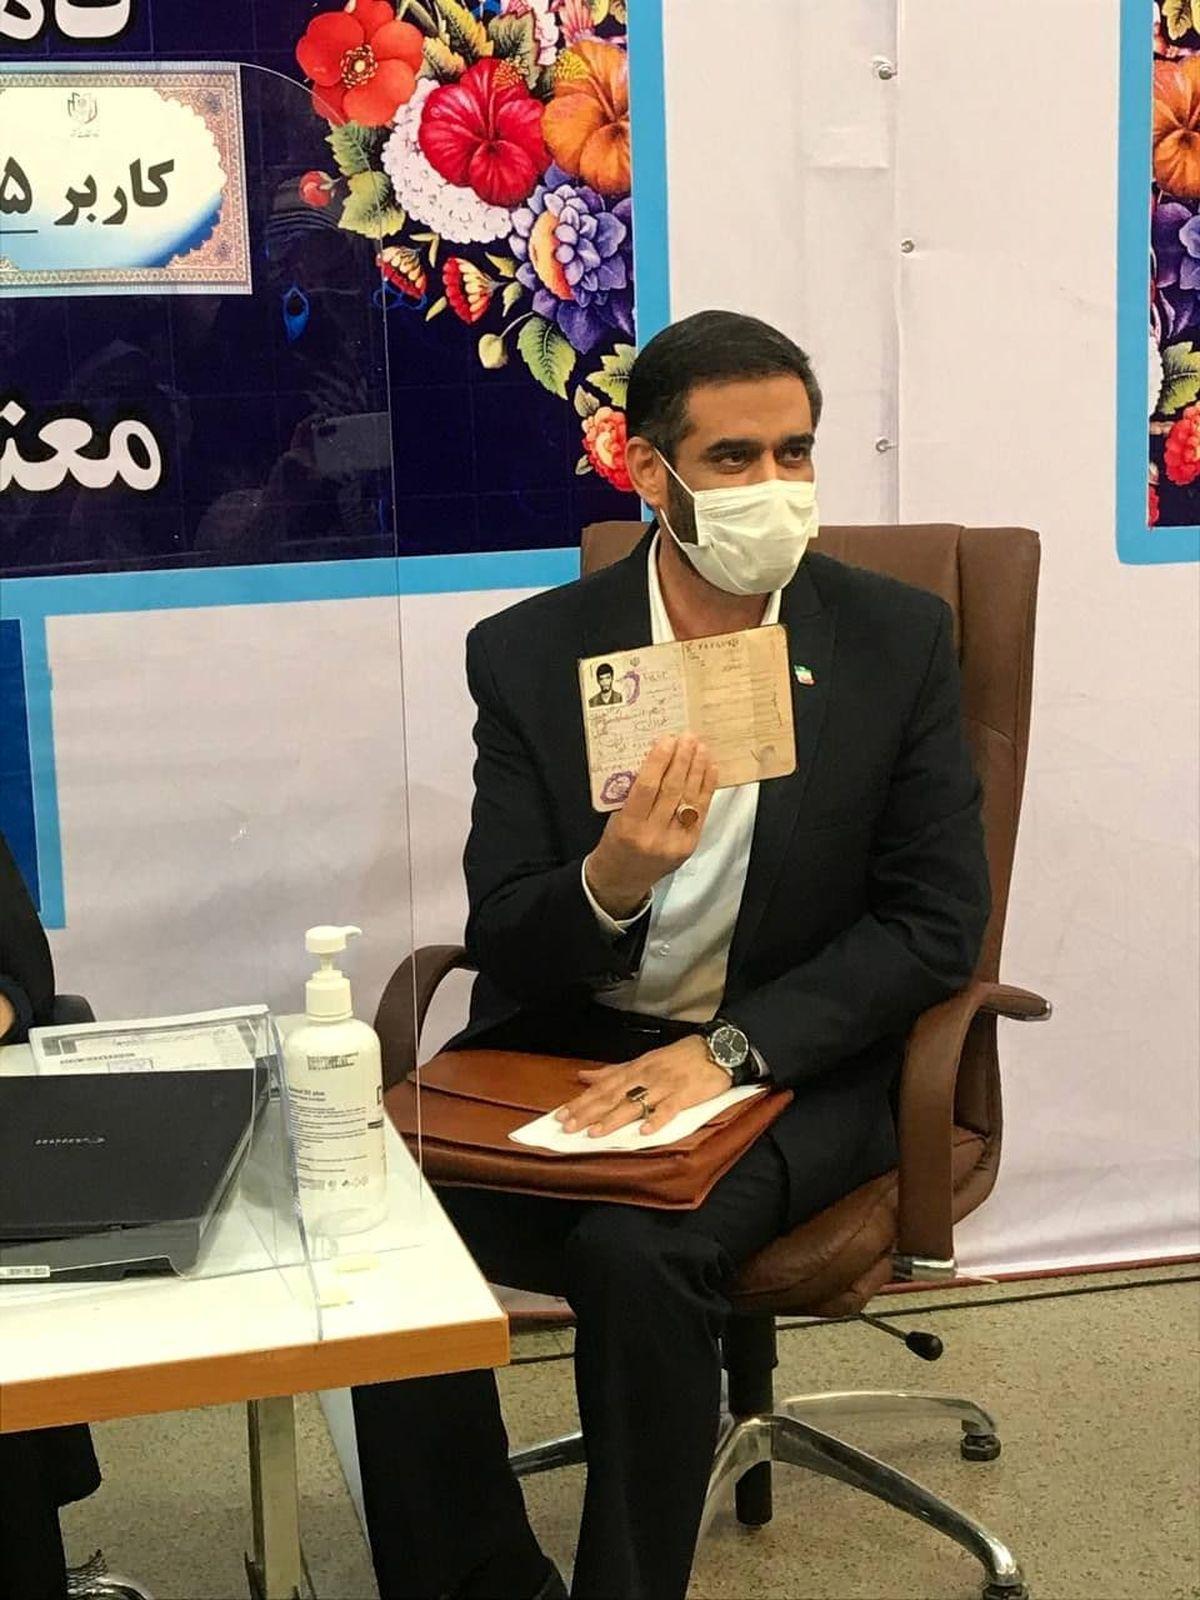 سعید محمد: مردم از خودروی ملی به عنوان خفت ملی یاد میکنند ولی ما آن را عزت ملی میکنیم